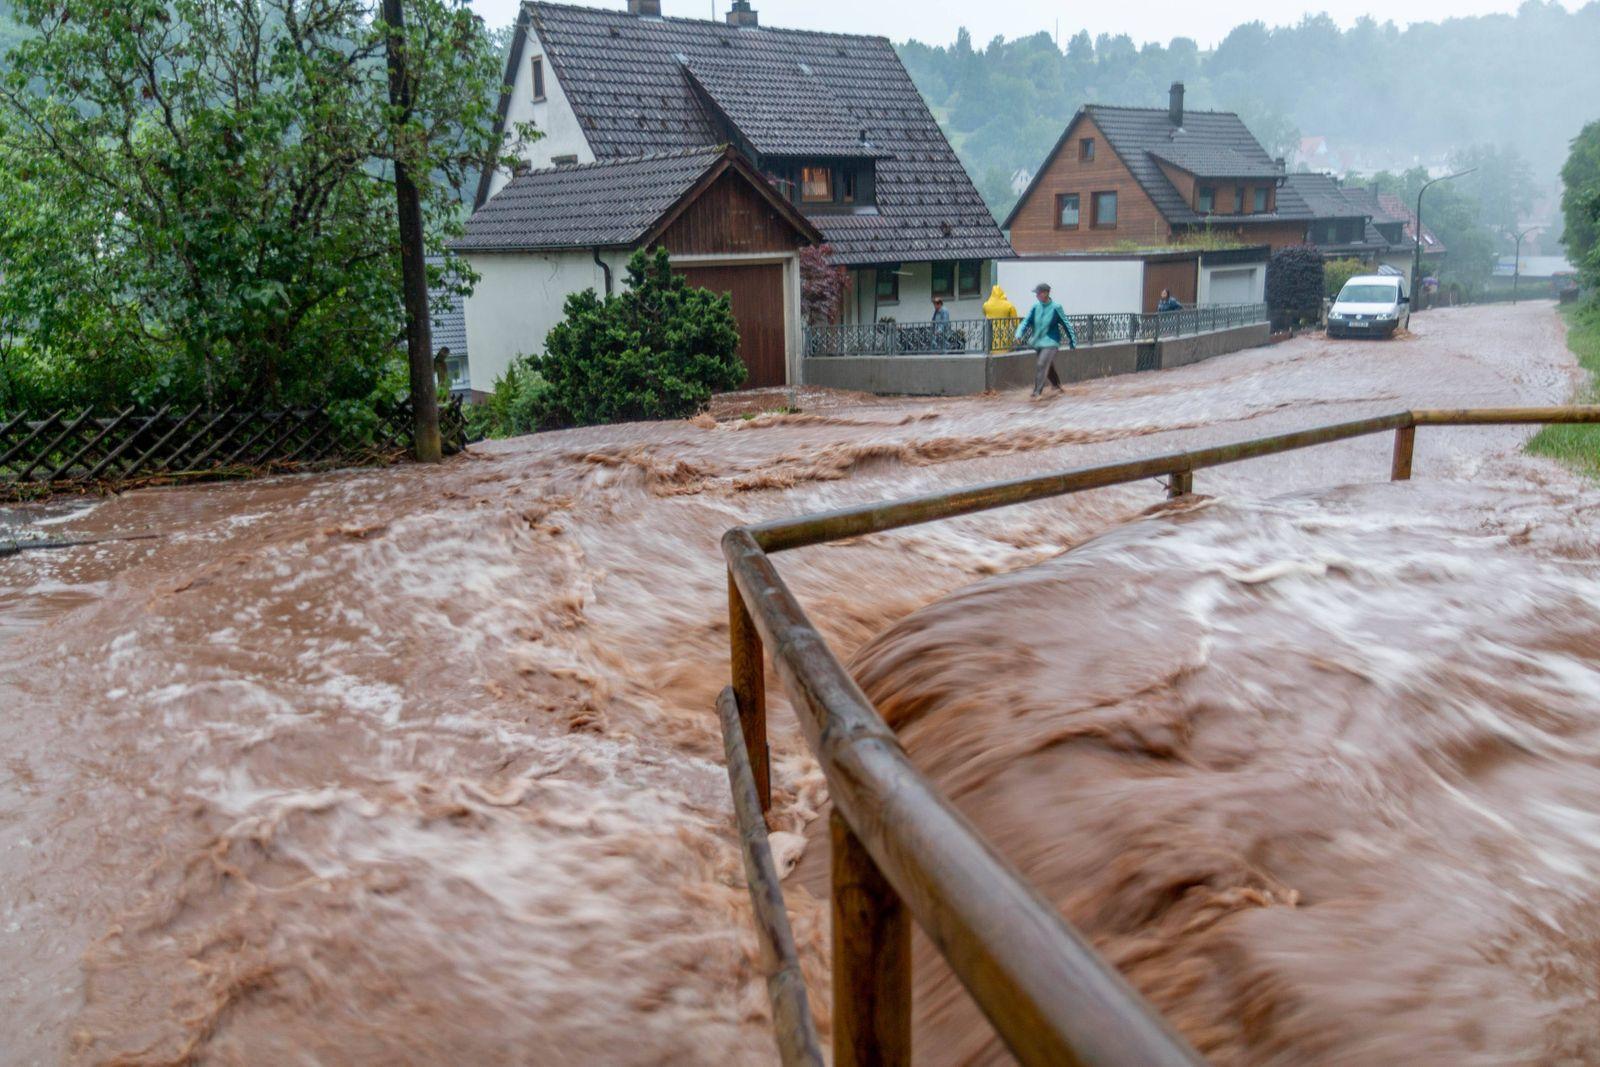 Heftiges Unwetter über dem Landkreis Calw: Superzelle bringt extremen Starkregen, Hagel und schweres Gewitter über Alten